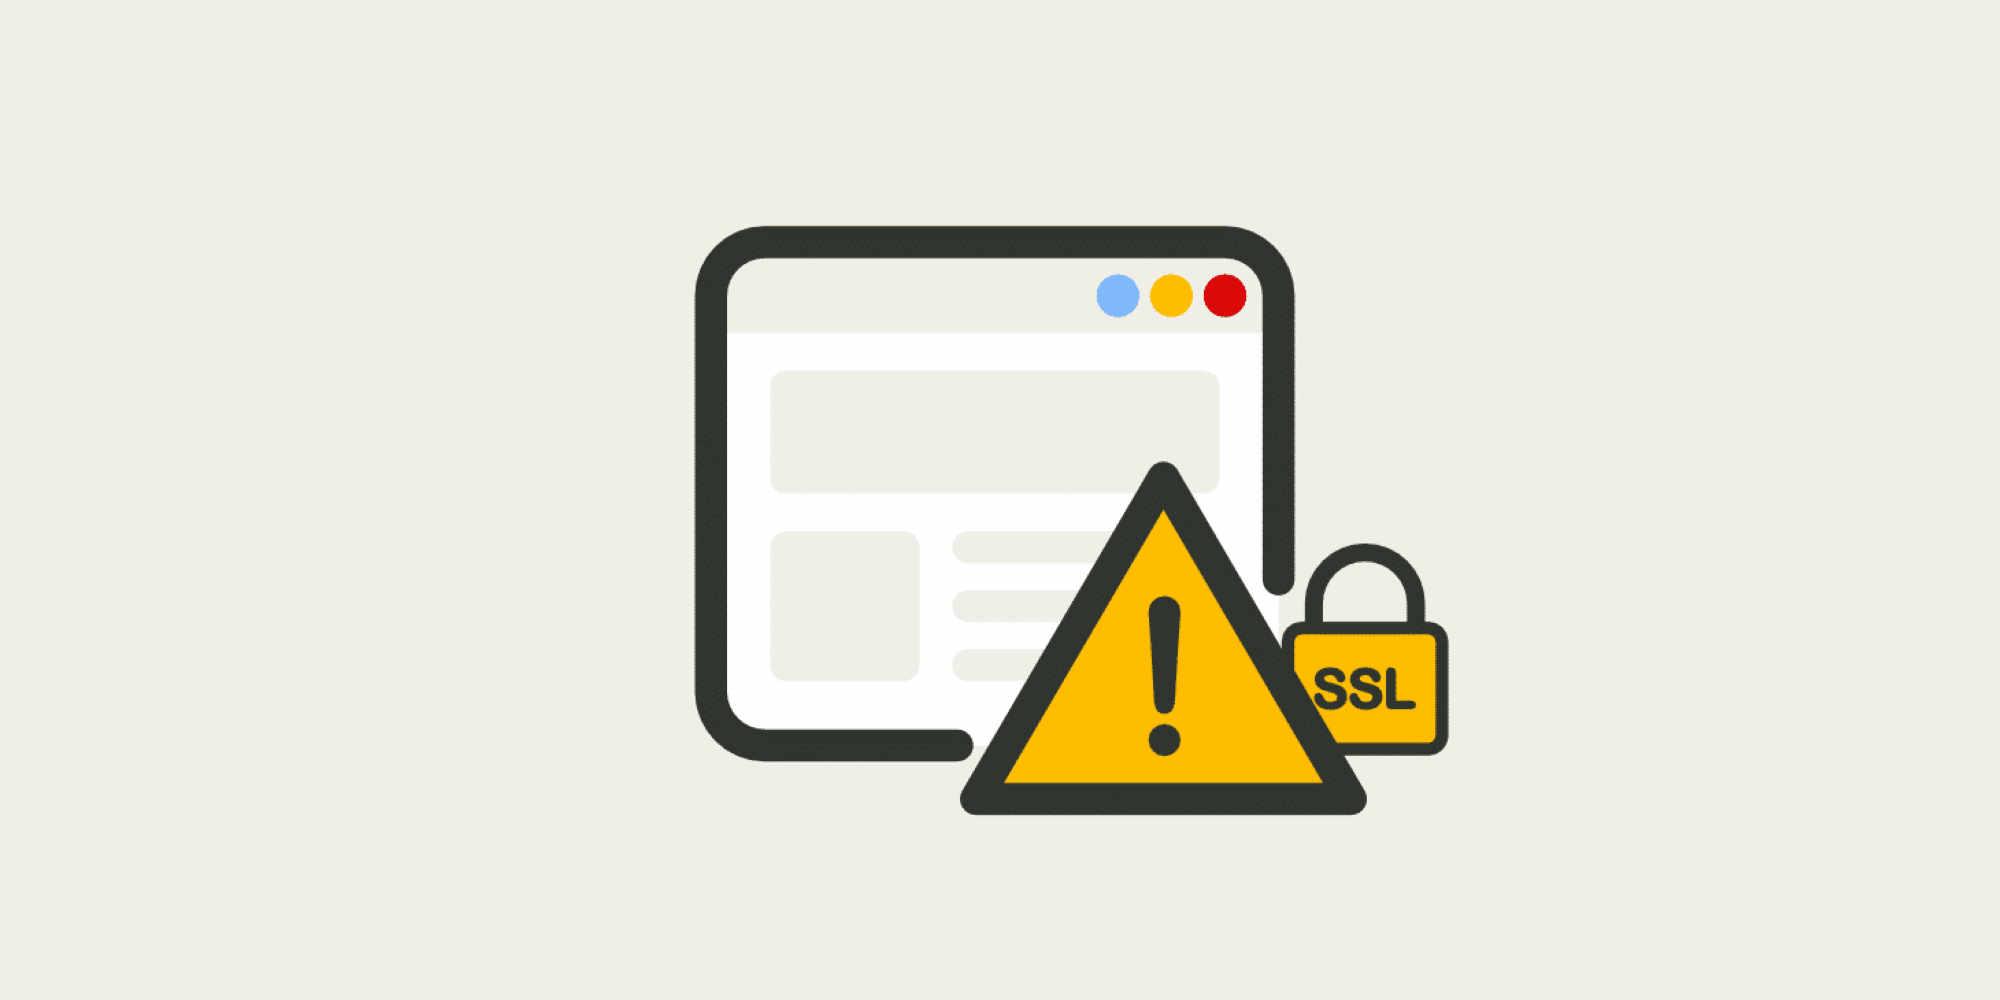 WebService errore relazione di trust per il canale sicuro SSL/TLS